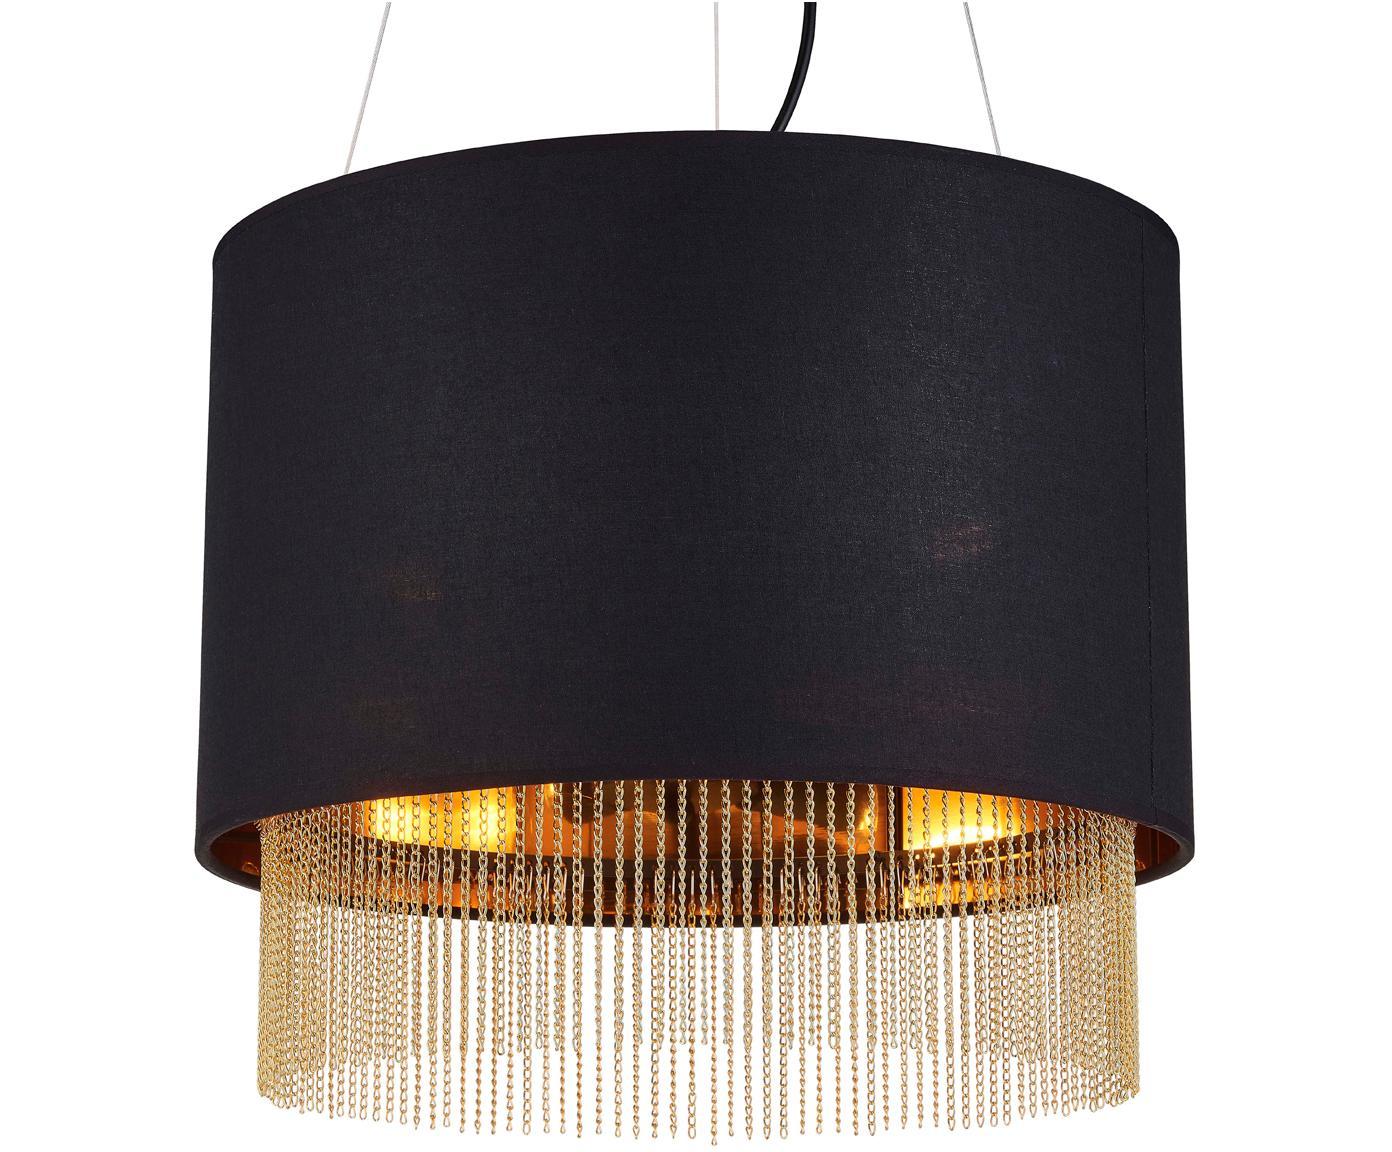 Pendelleuchte Fringe mit Ketten, Lampenschirm: Textil, Schwarz, Goldfarben, Ø 40 x H 34 cm